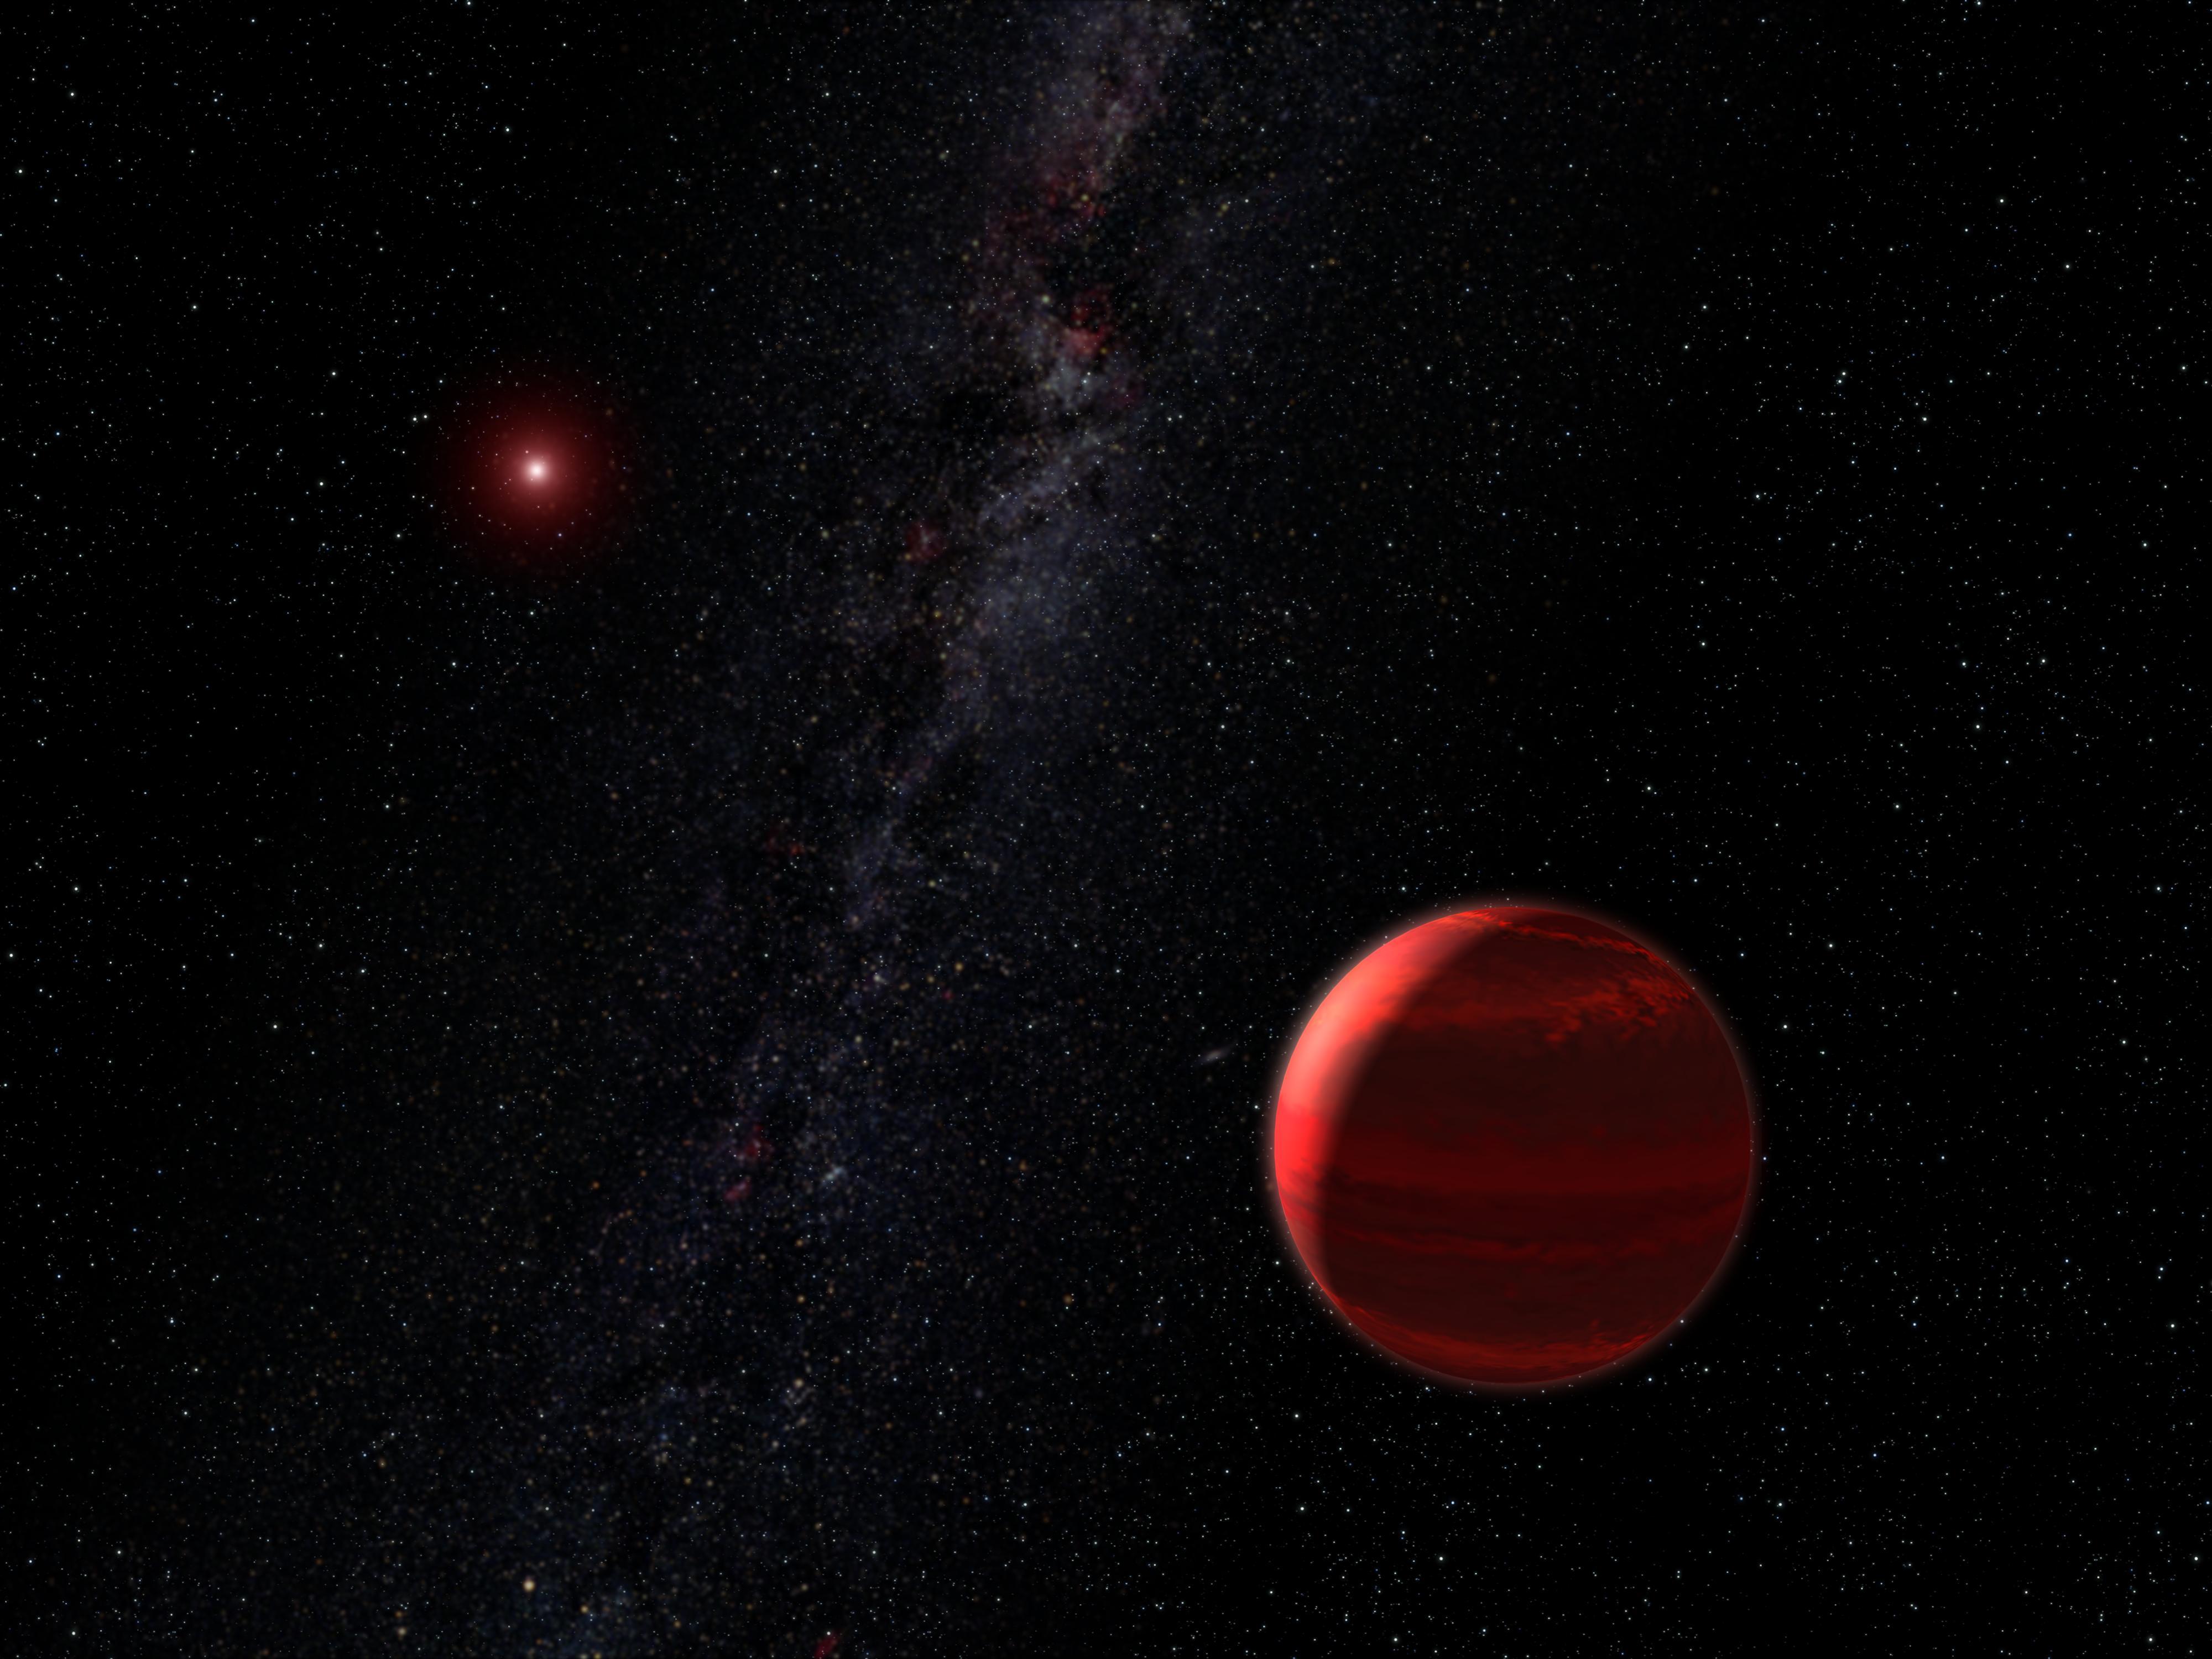 Газовый гигант, вращающийся по орбите вокруг красного карлика (рисунок художника)